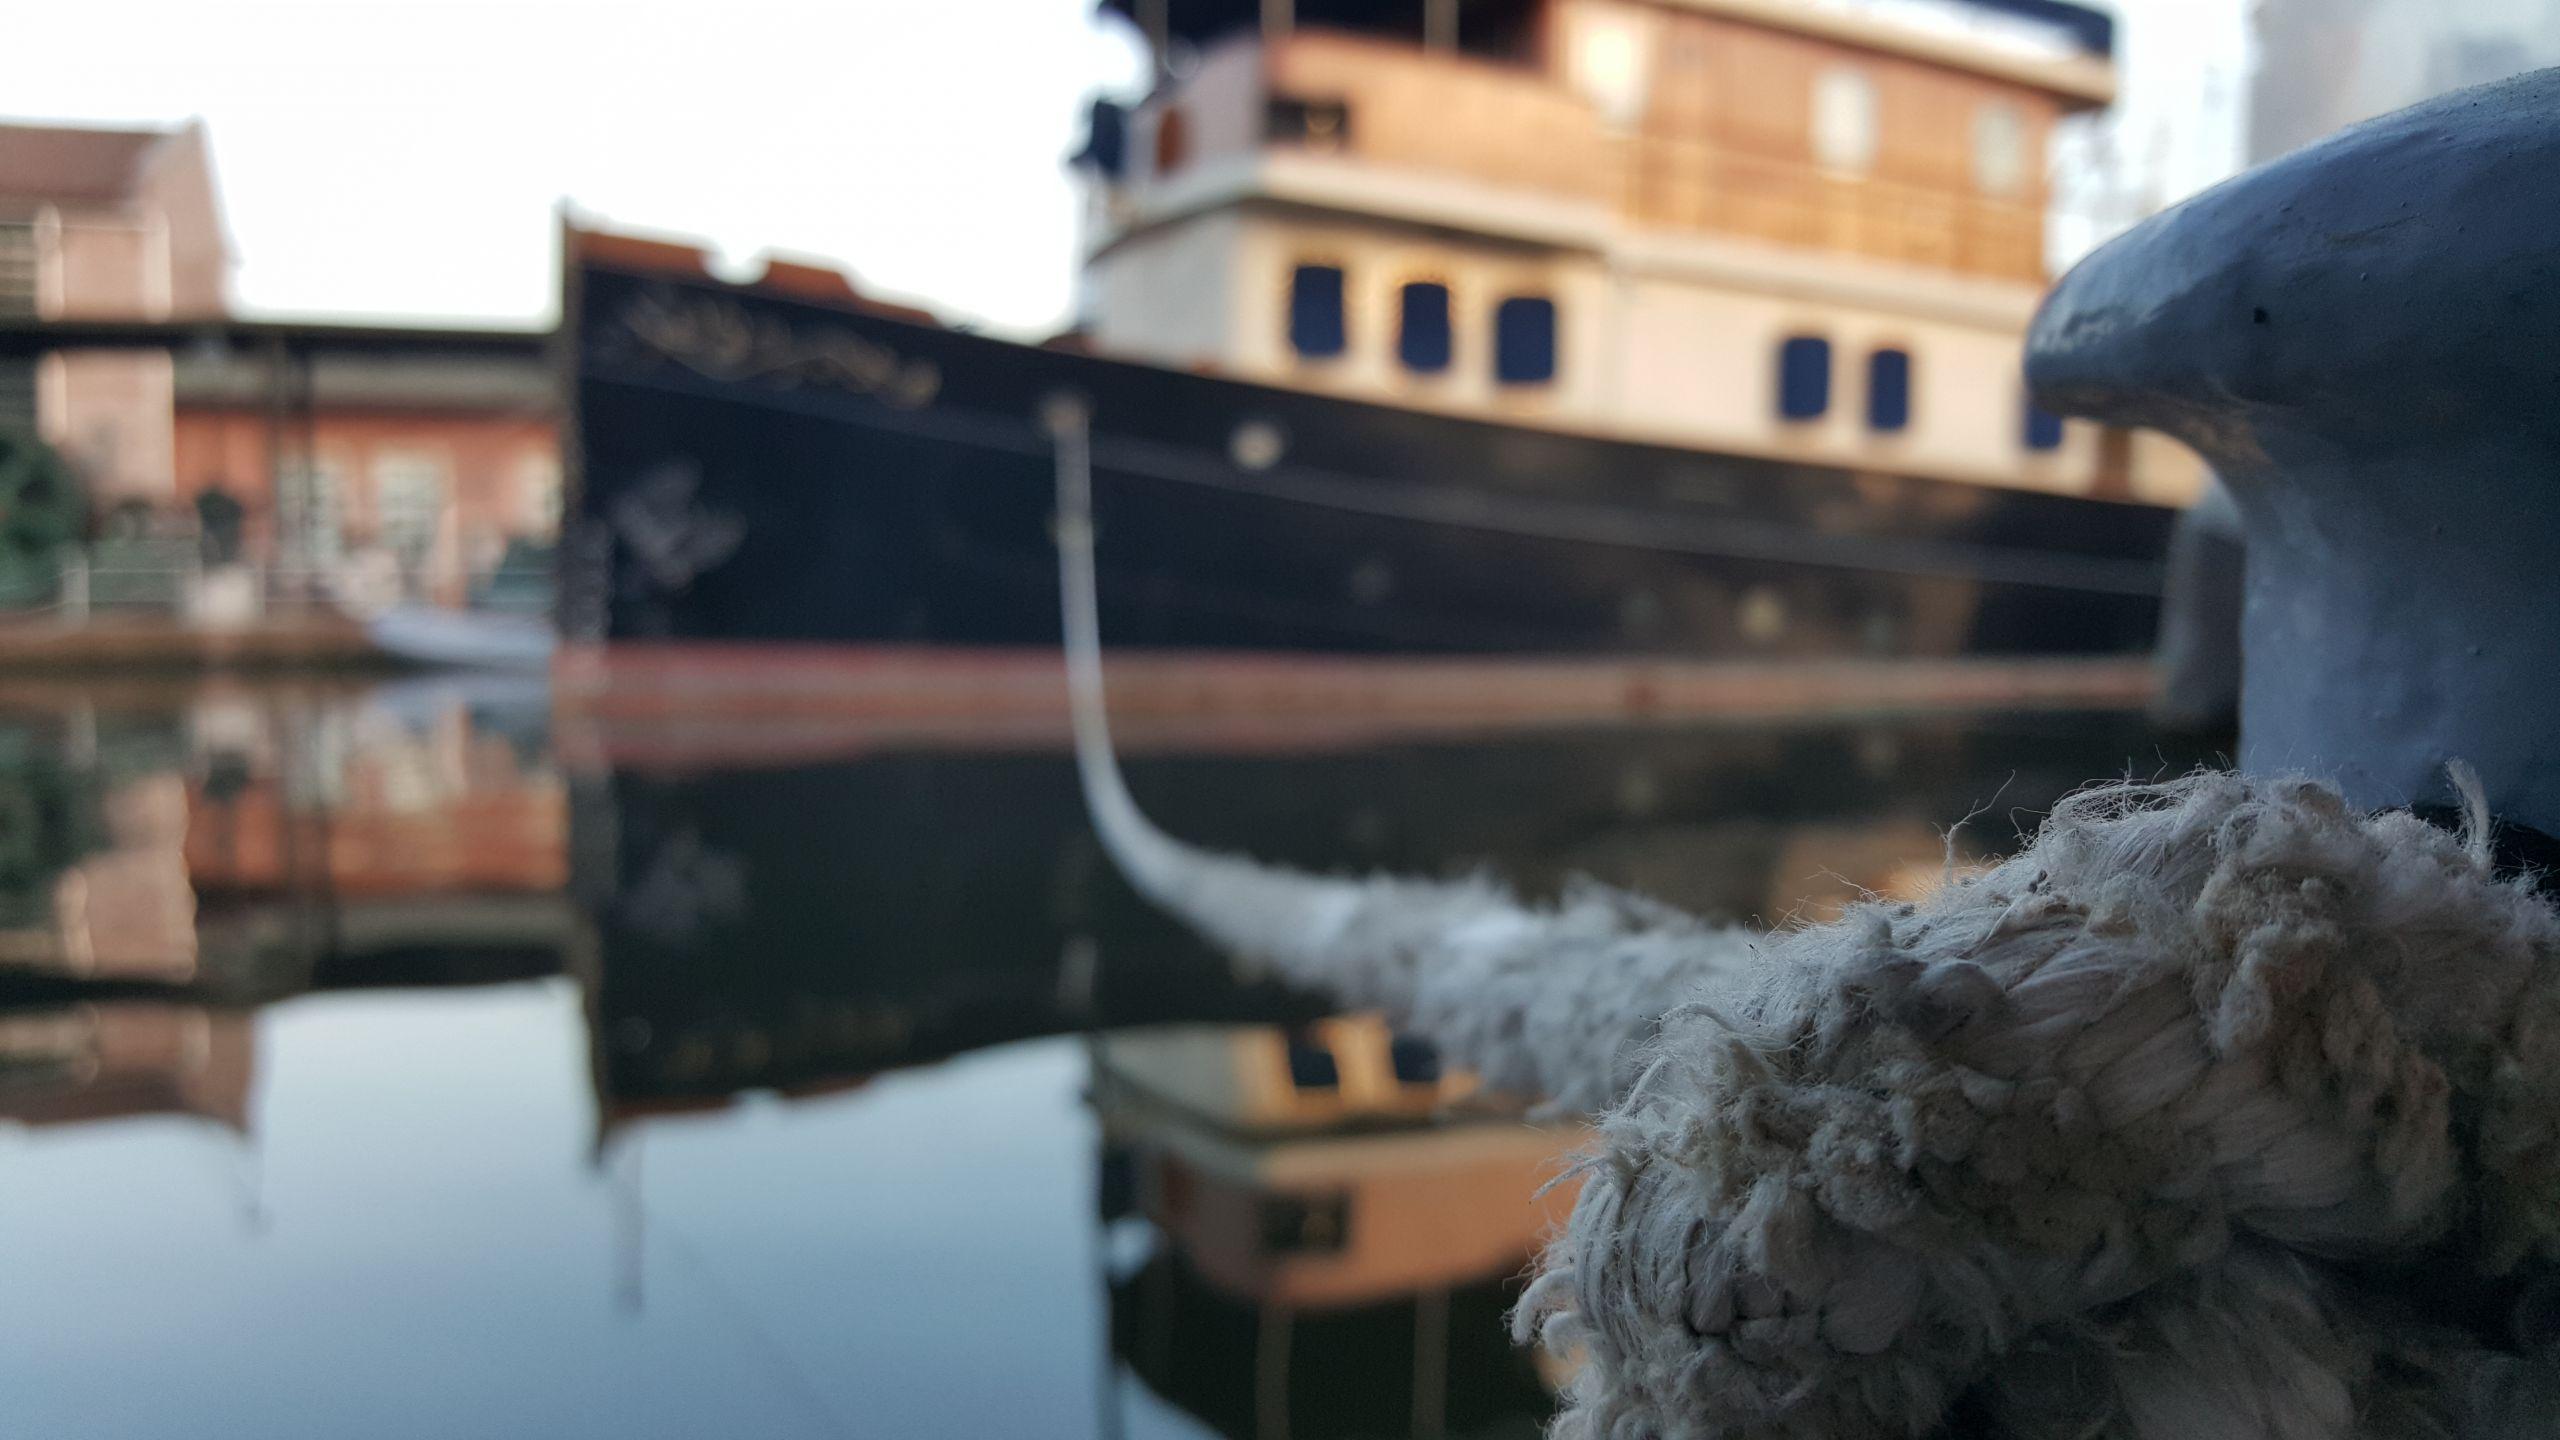 Koç Müzesi'nde gemi halatına odaklı çekim.